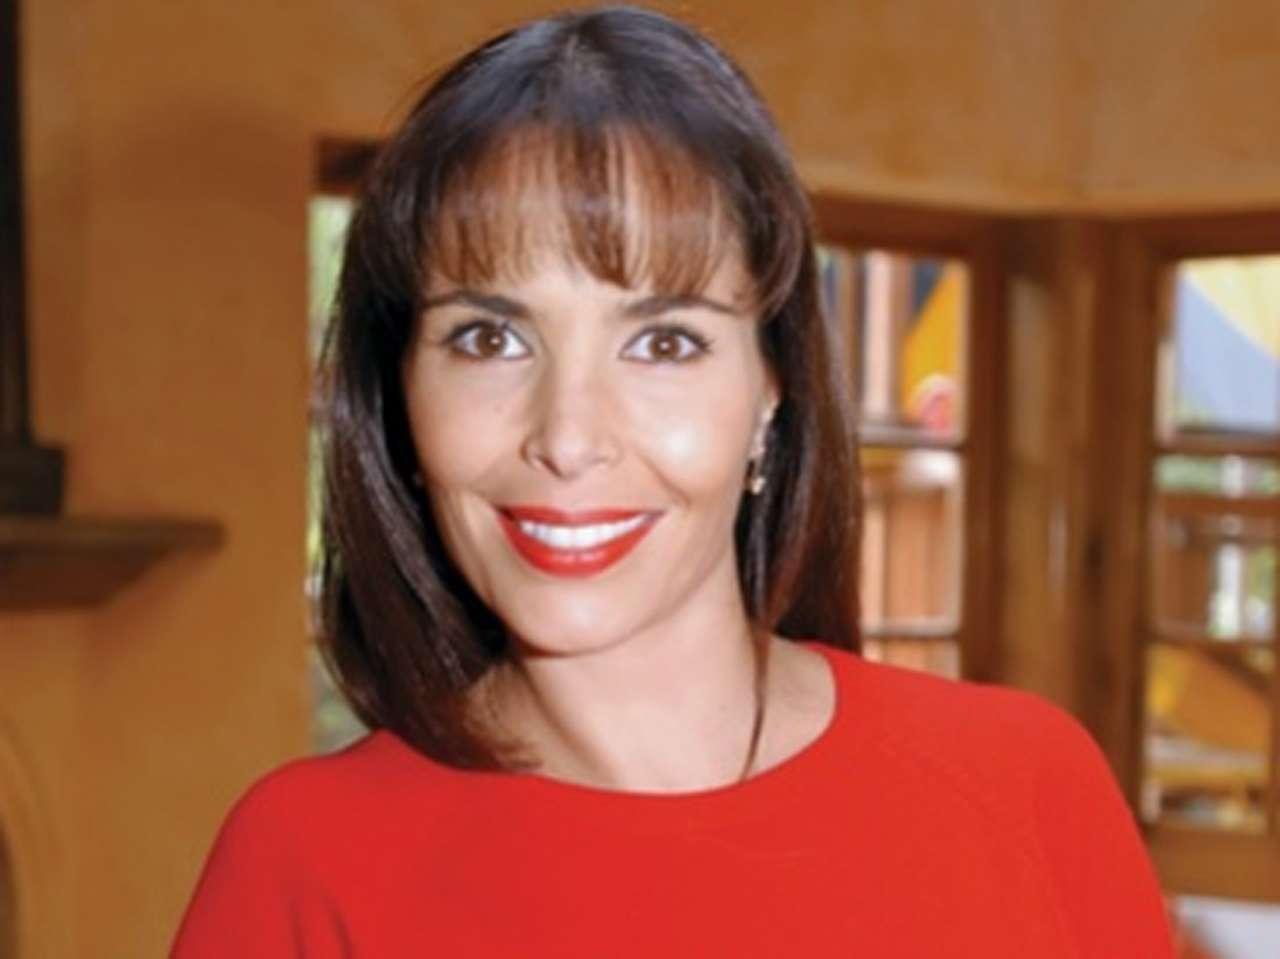 Se cumple la última voluntad de Mariana Levy. El juez dictó sentencia sobre la herencia en diciembre de 2014. Foto: TV Notas